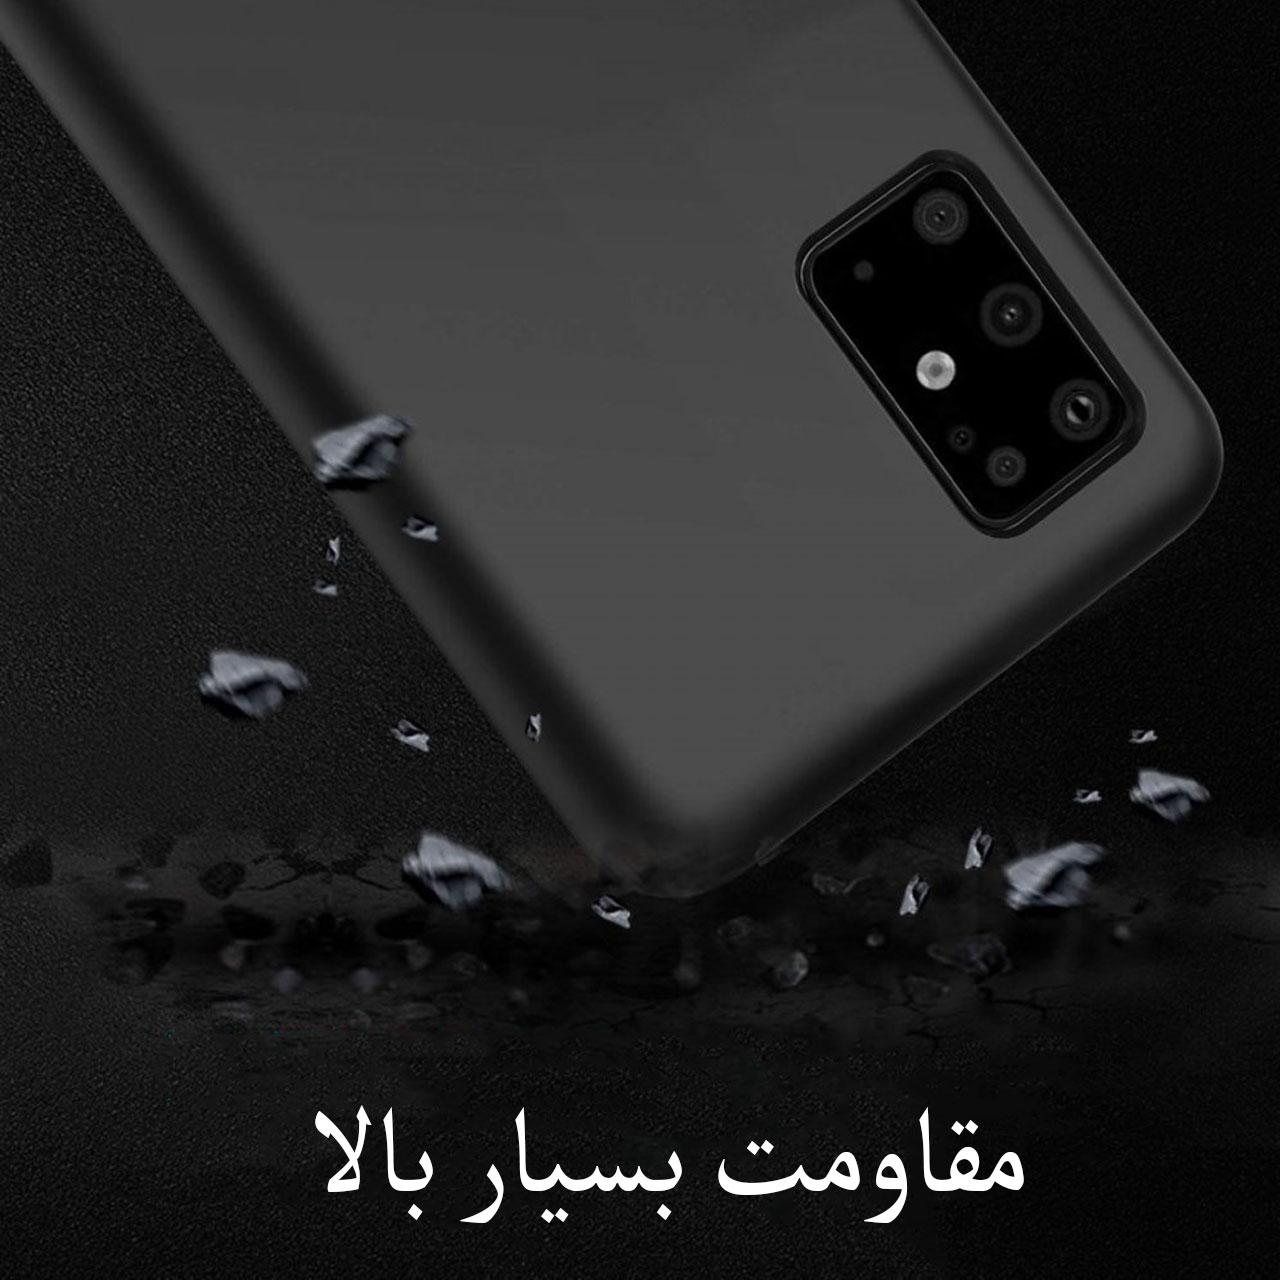 کاور مدل SLCN مناسب برای گوشی موبایل سامسونگ Galaxy A51 main 1 13